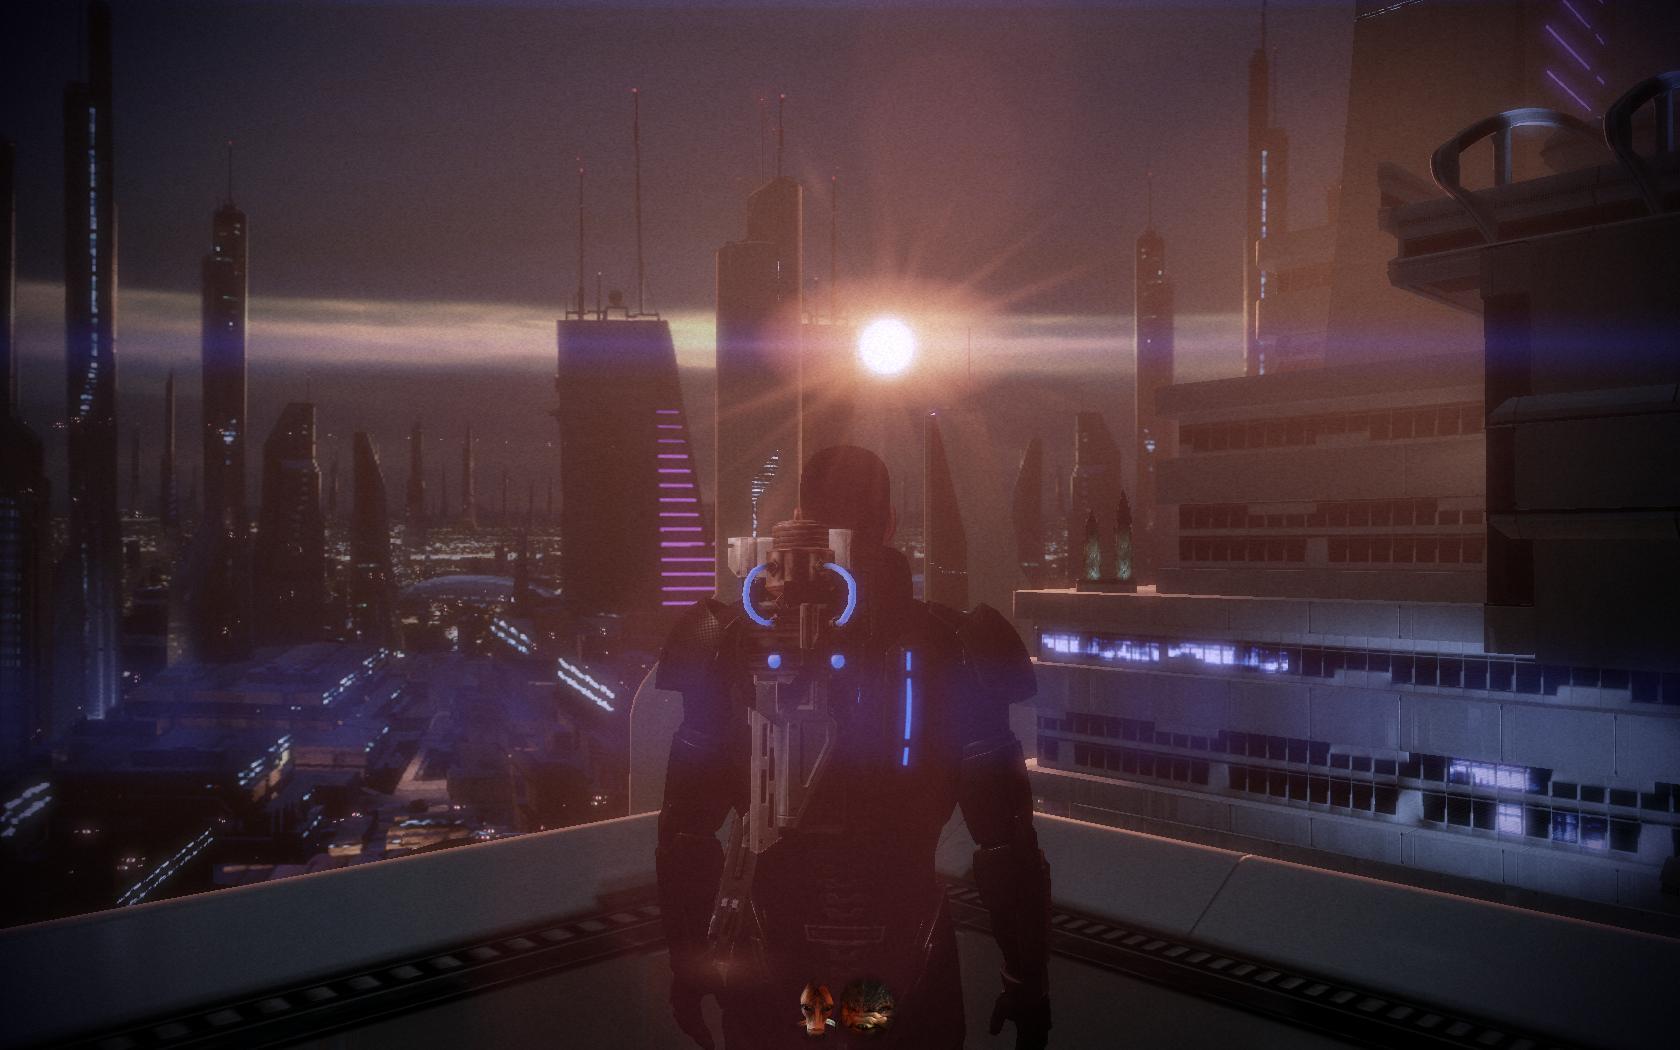 Recenze Mass Effect 2 - RPG snů? 9368